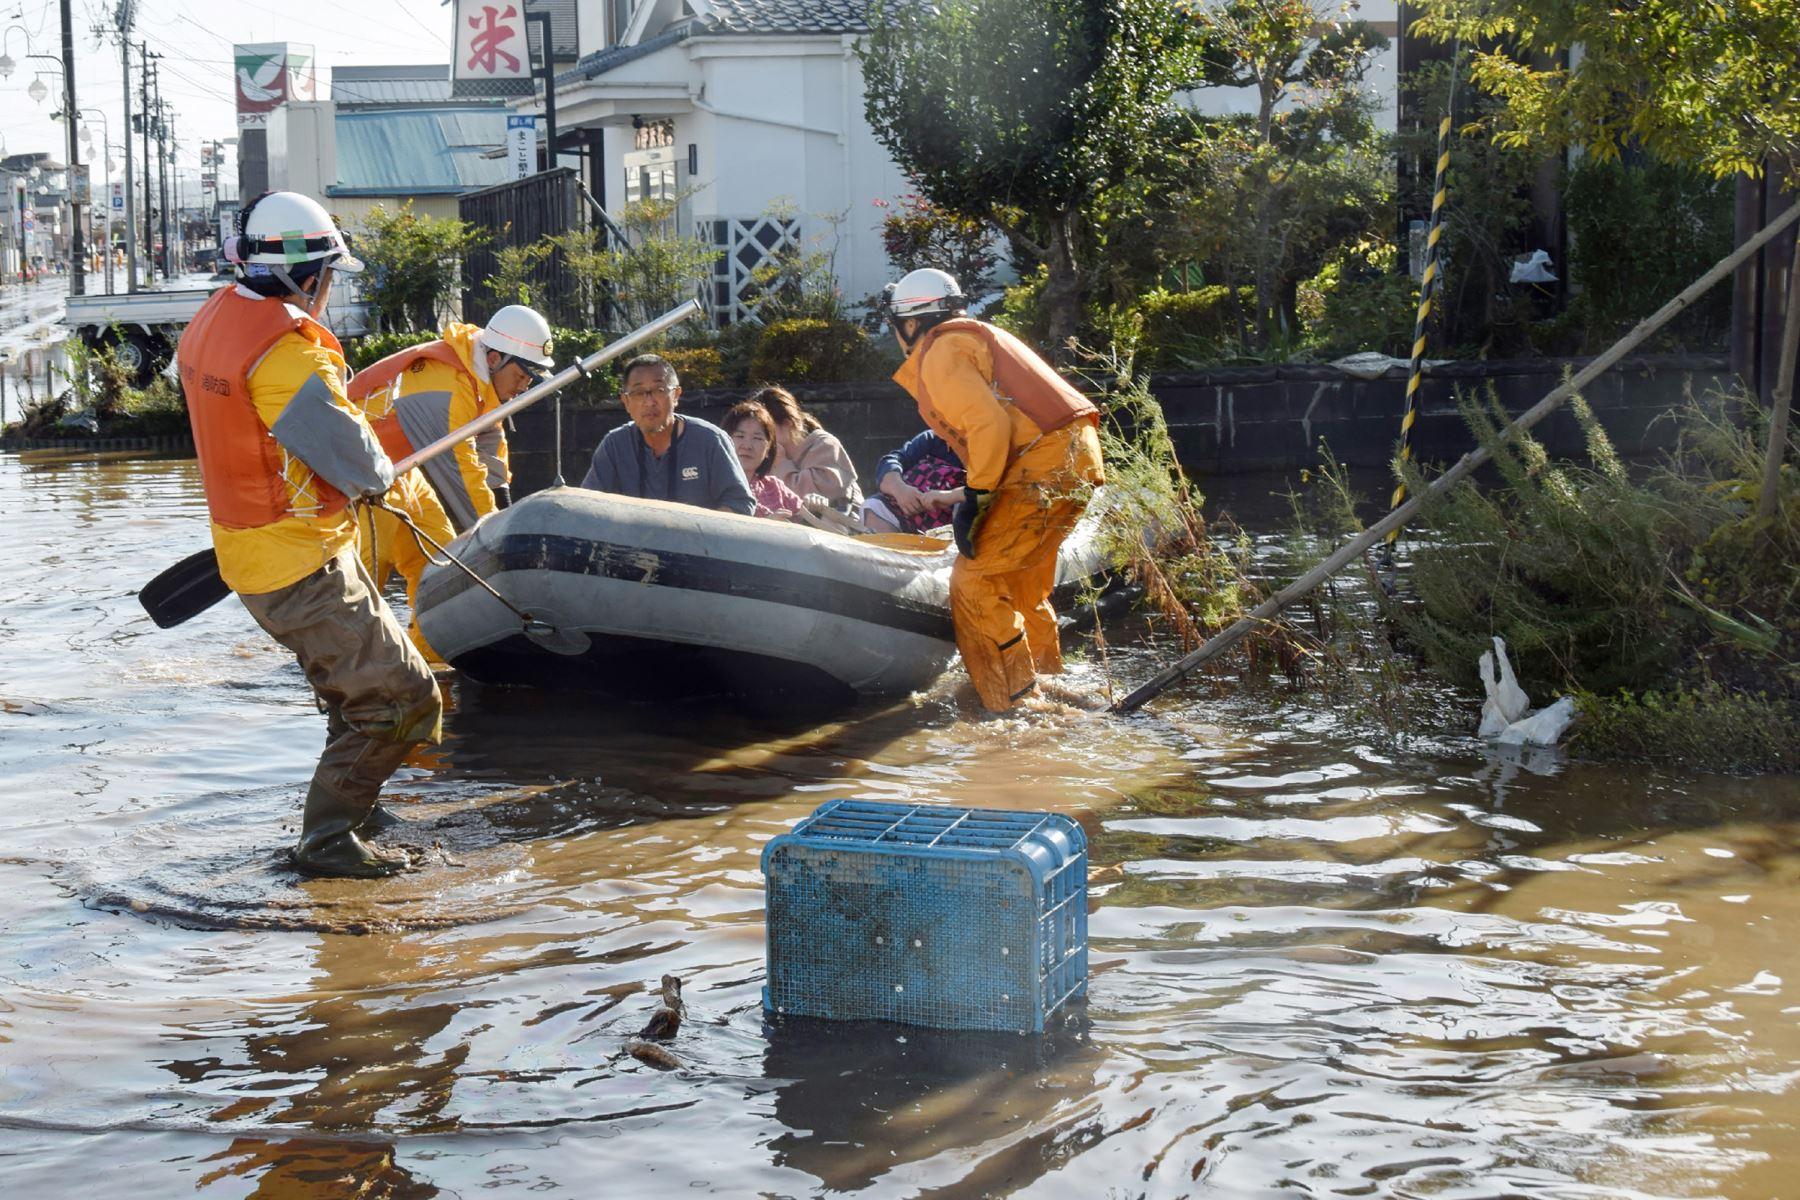 Bomberos evacuan a los residentes de un área inundada en Date, prefectura de Fukushima, un día después de que el tifón Hagibis se extendiera por el centro y el este de Japón. Foto: AFP